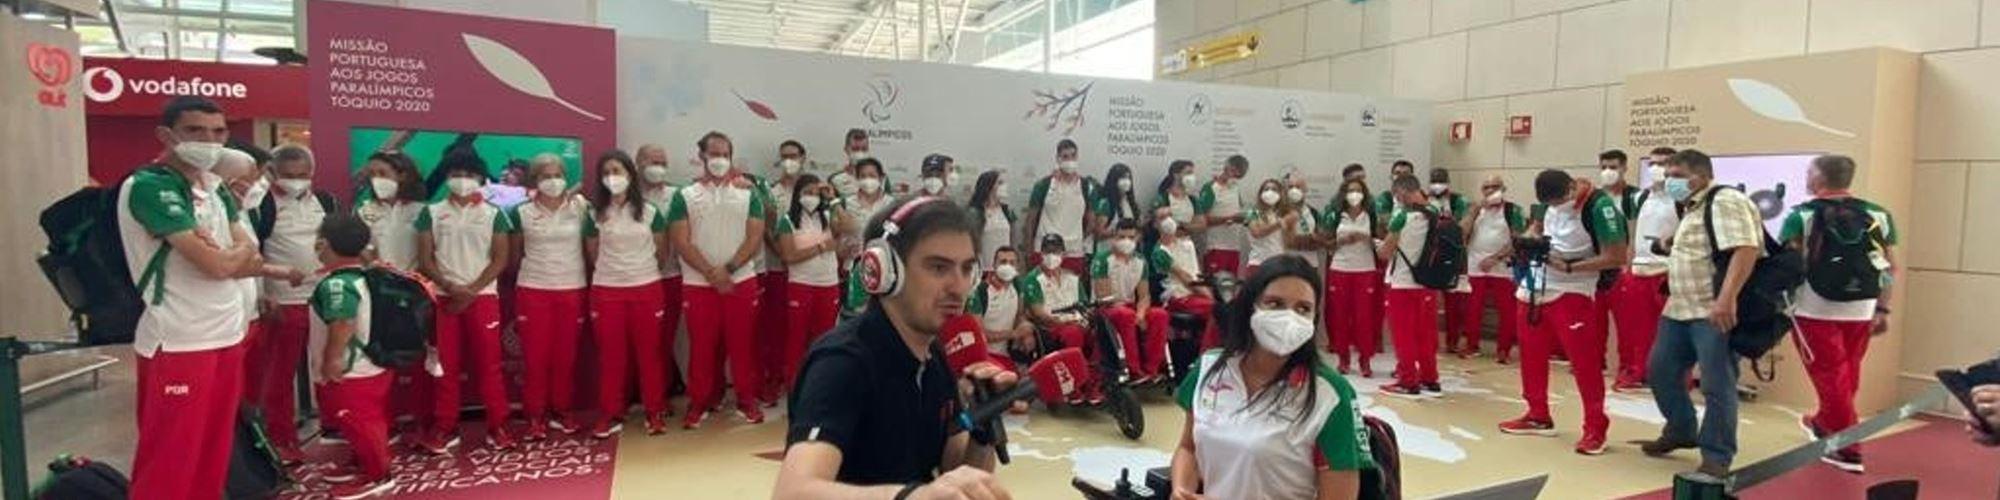 """RFM distinguida com prémio """"Inclusão pelo Desporto"""" pelo Comité Paralímpico de Portugal"""